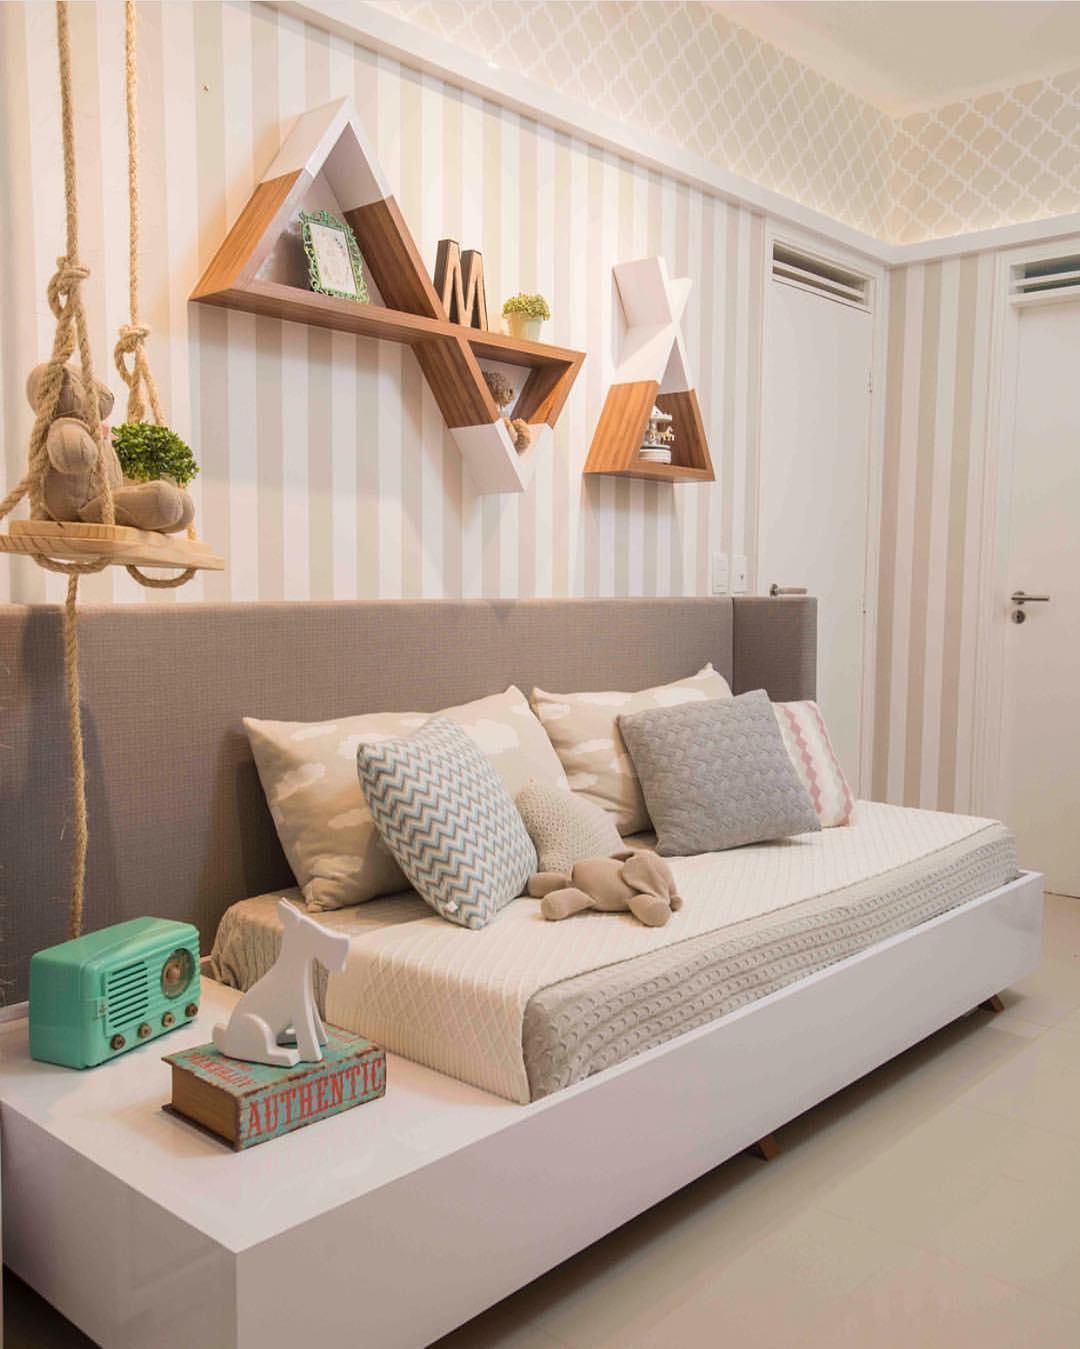 Ideias para quarto infantil em preto e branco - So Sweet